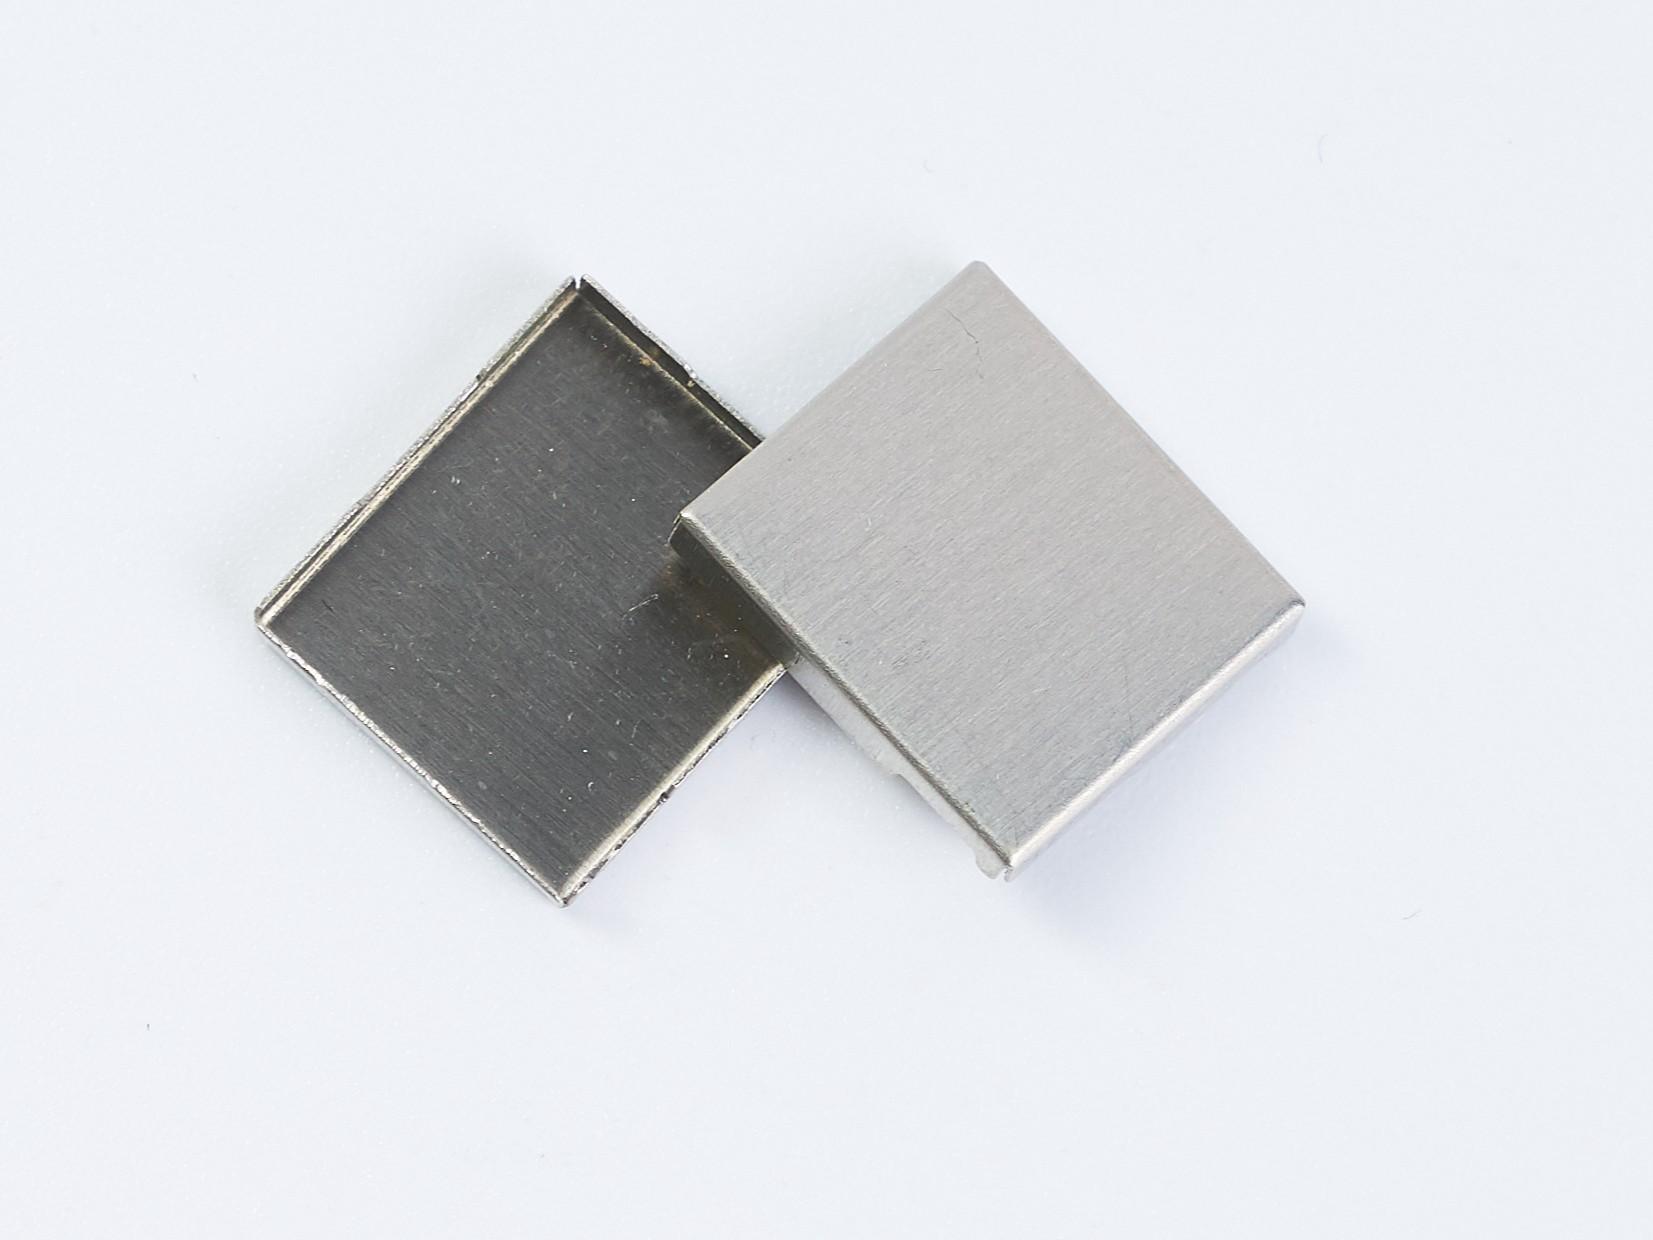 电路板pcb主板屏蔽罩设计生产一站式服务厂家-力达精工